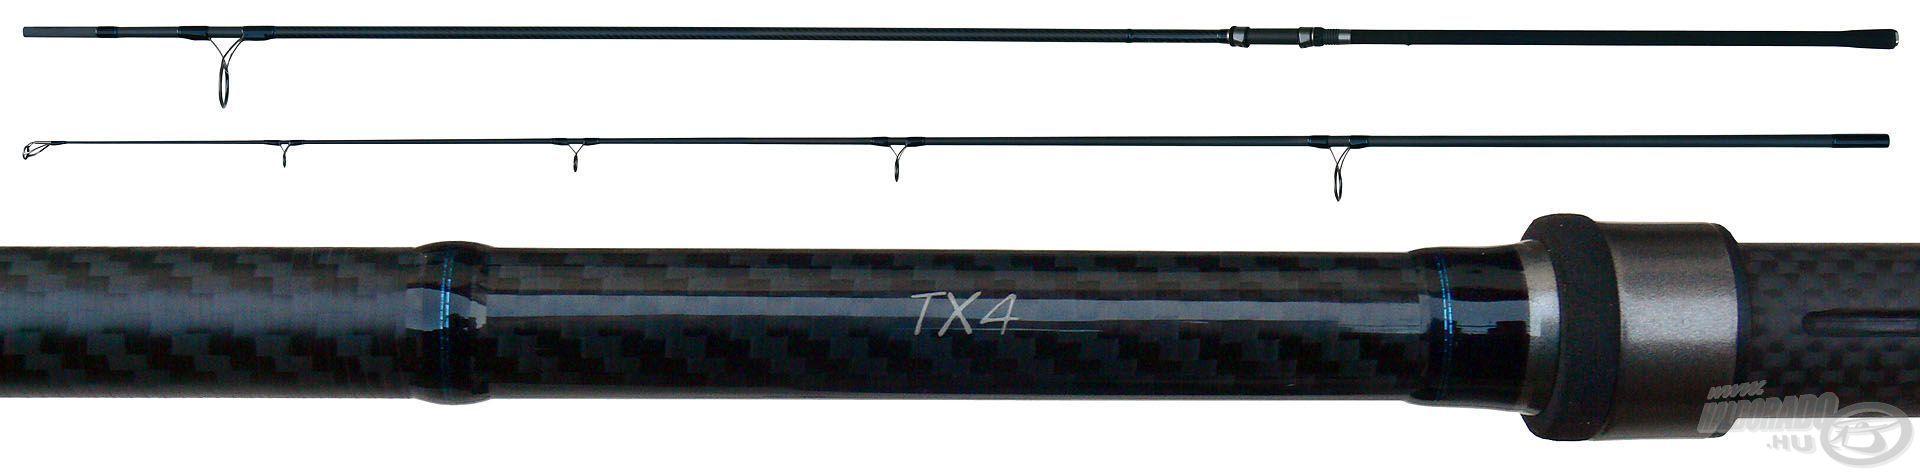 A TX-4 Intensity botokról bátran állíthatjuk, hogy a letisztult, egyszerű dizájn és a kompromisszumokat nem tűrő minőség zseniális kombinációi!